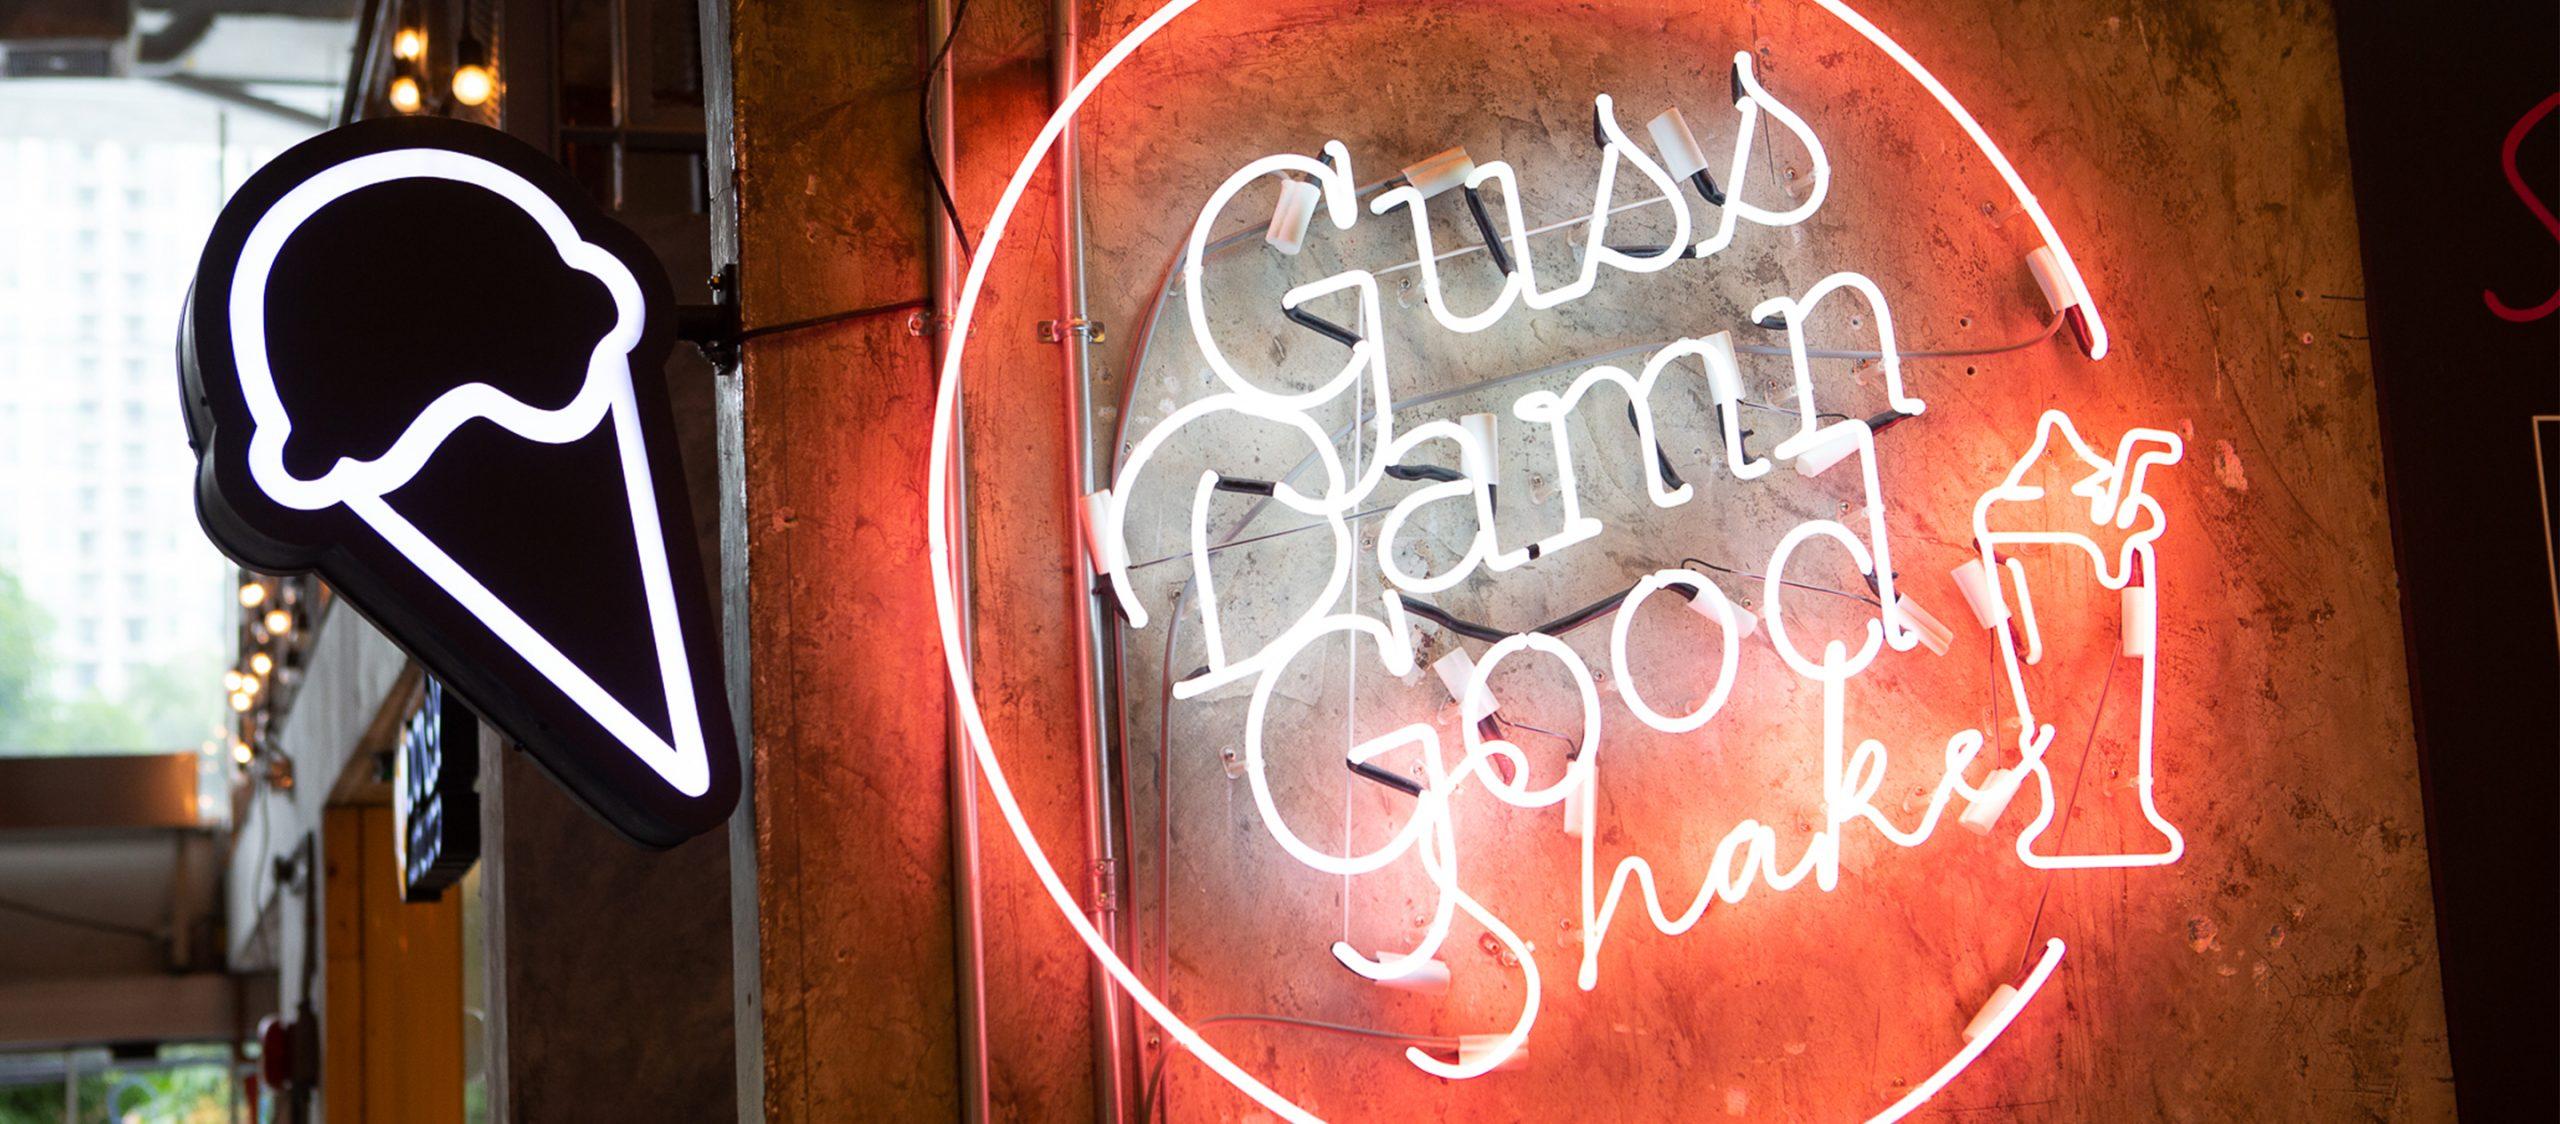 จากความหลากหลายในเพศและความรัก สู่การคราฟต์ไอศครีมรสชาติใหม่ของ Guss Damn Good